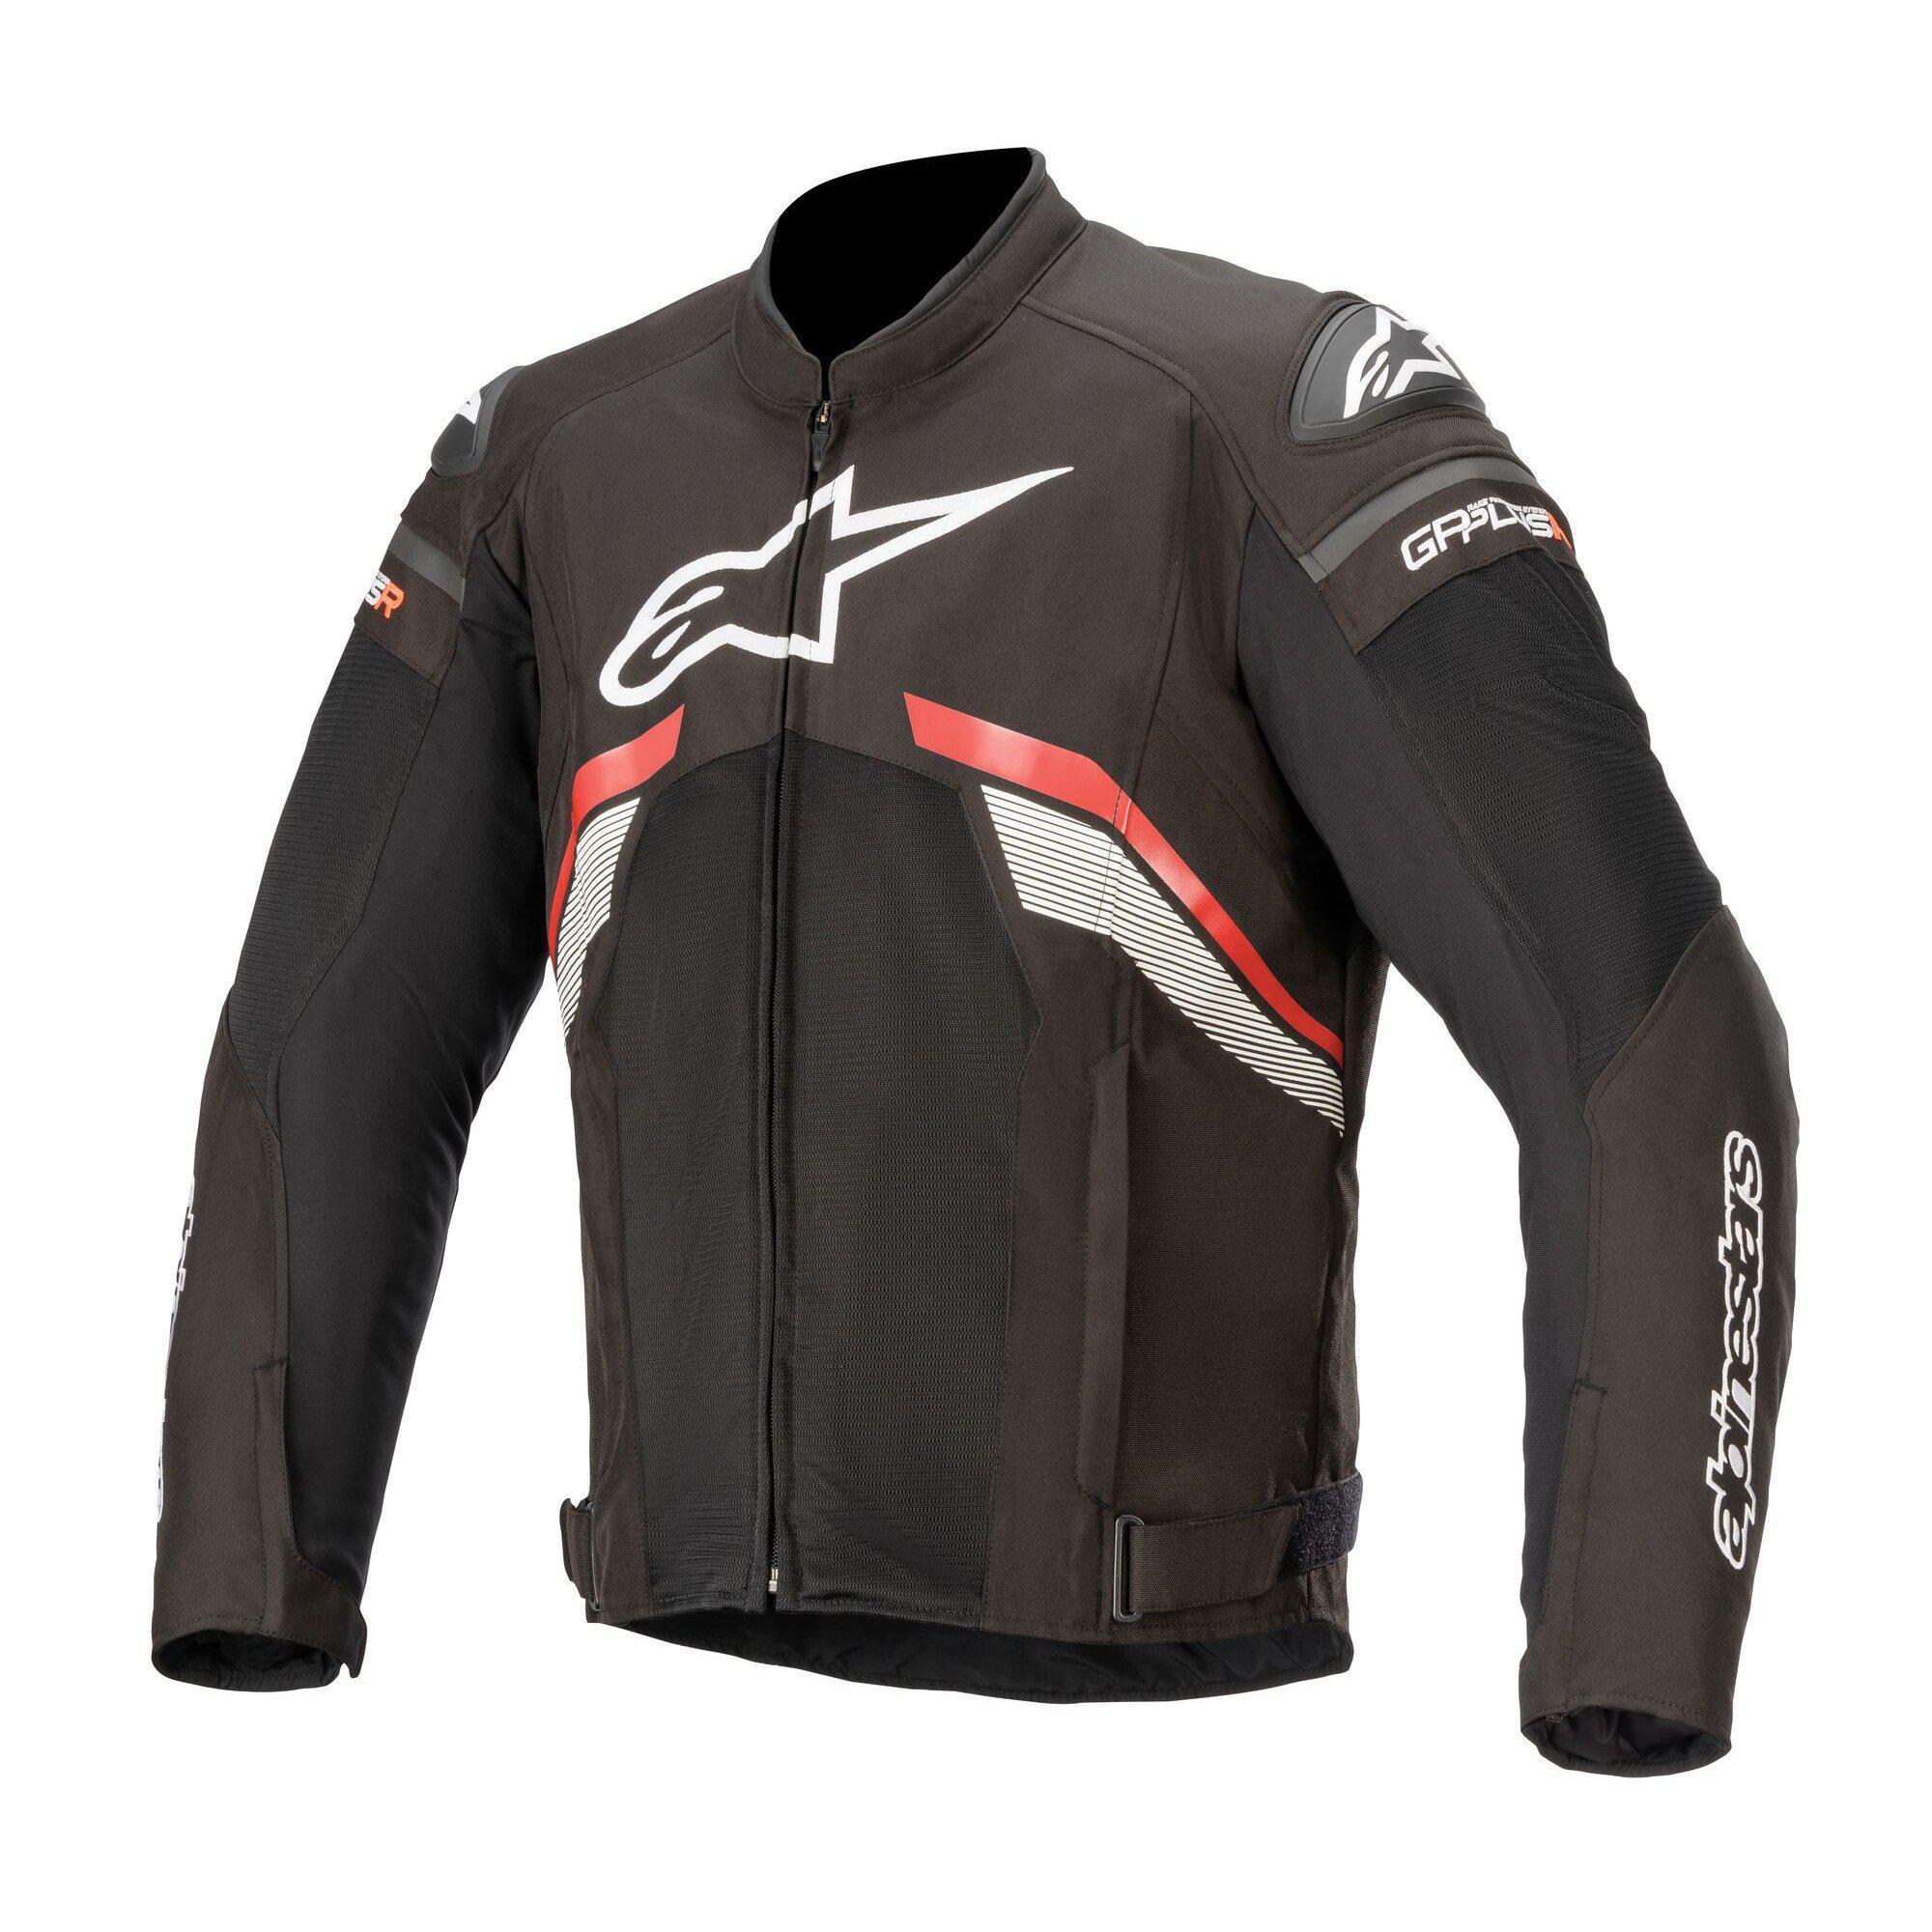 Jachetă de sport ALPINESTARS T-GP PLUS R V3 AIR текстильная для мотоциклистов купить по низкой цене